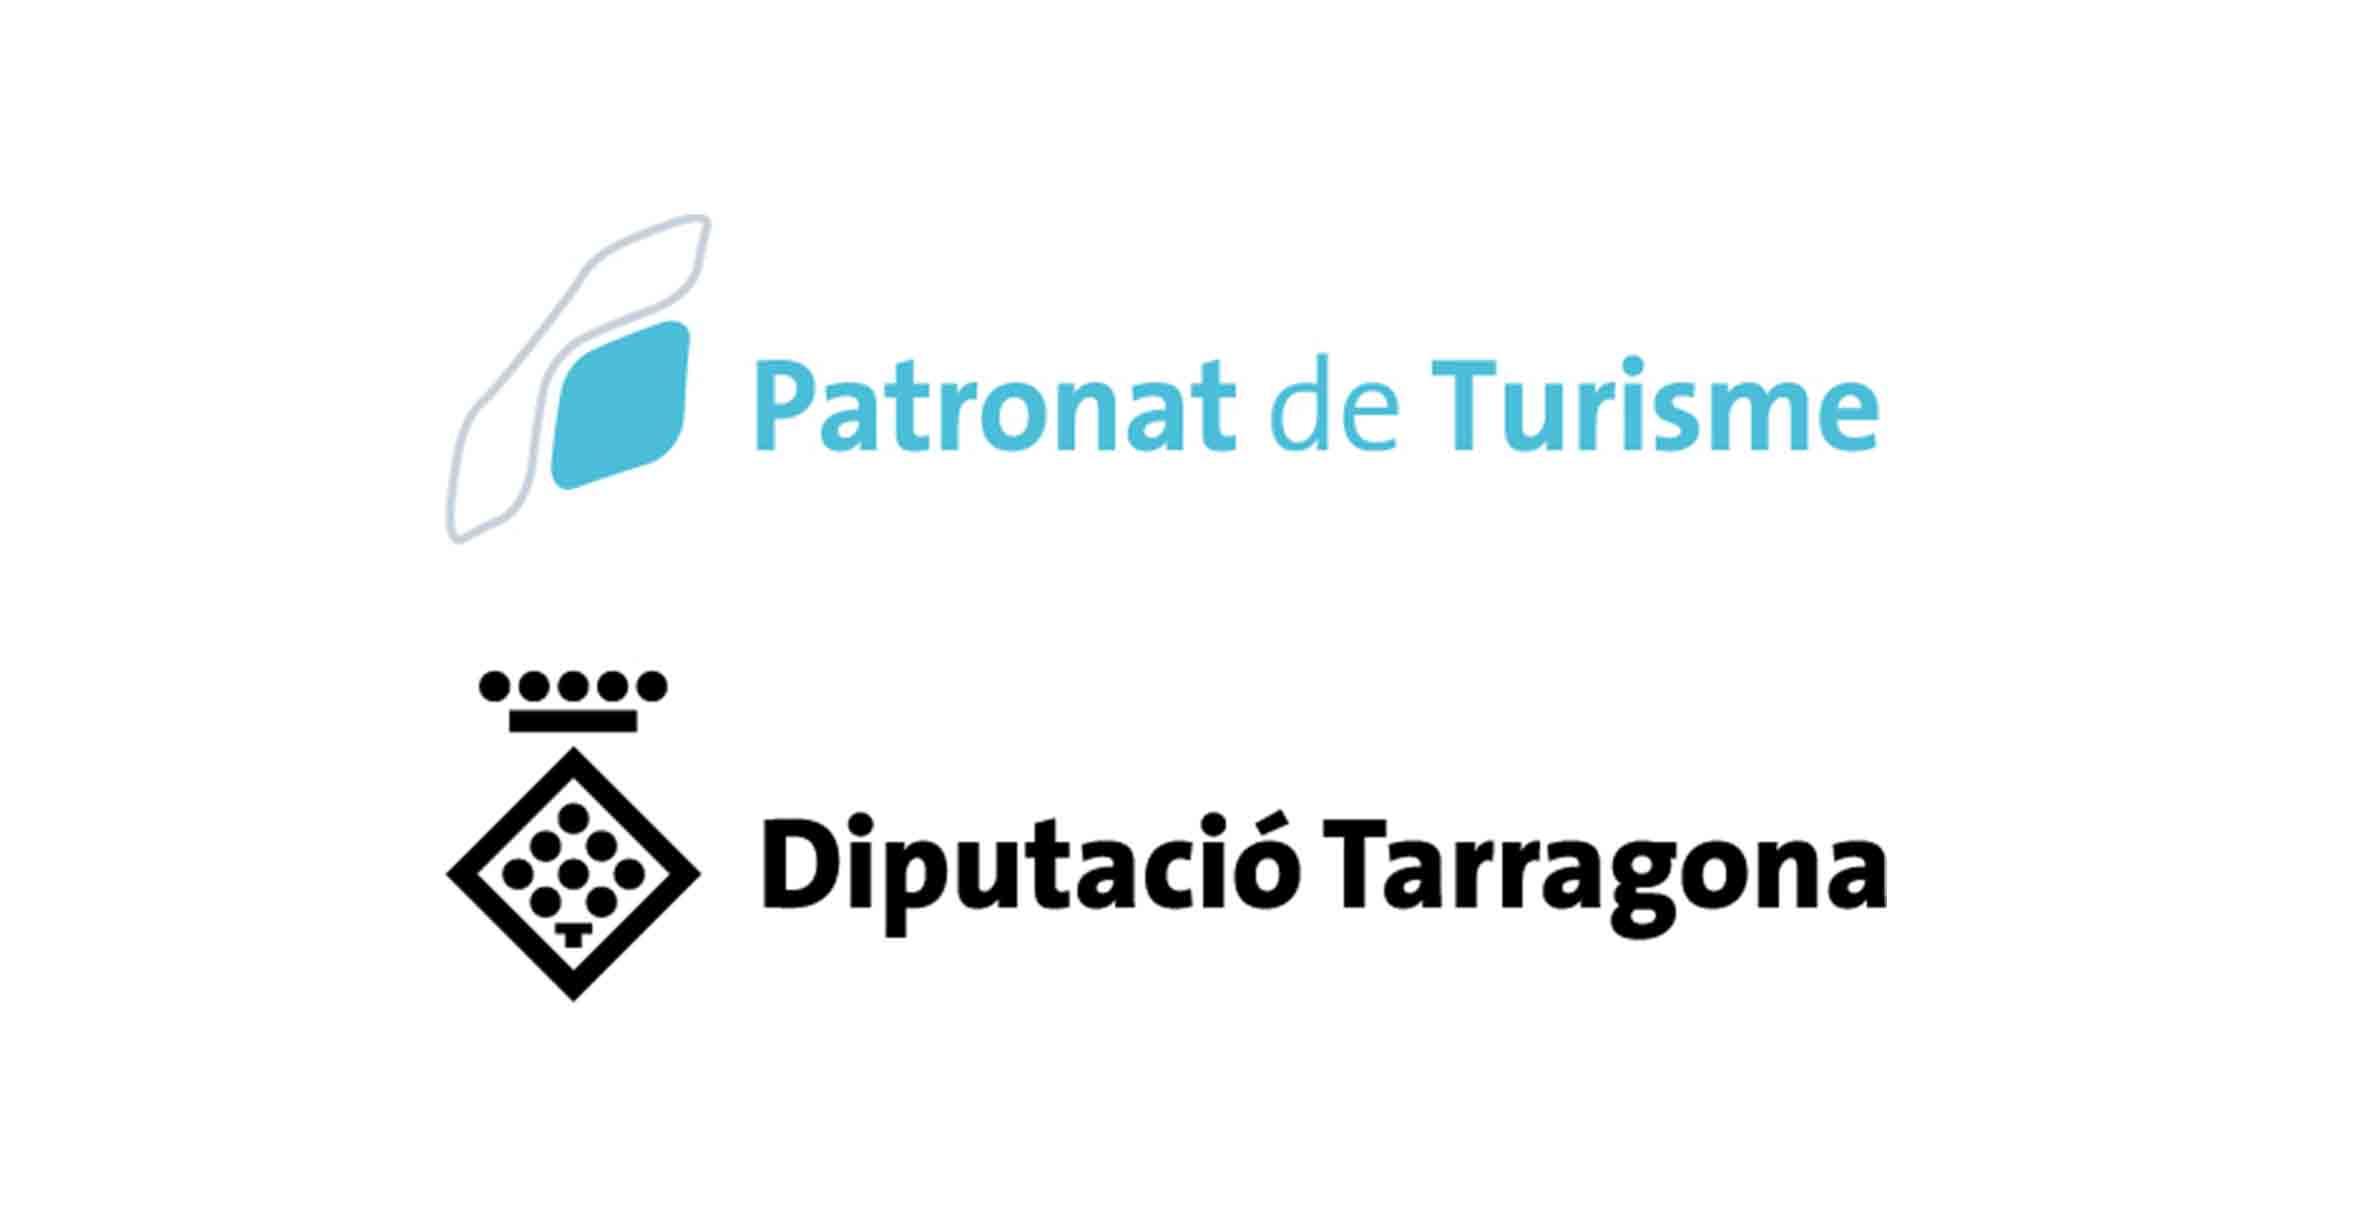 Diputació de Tarragona y Patronat de Turisme